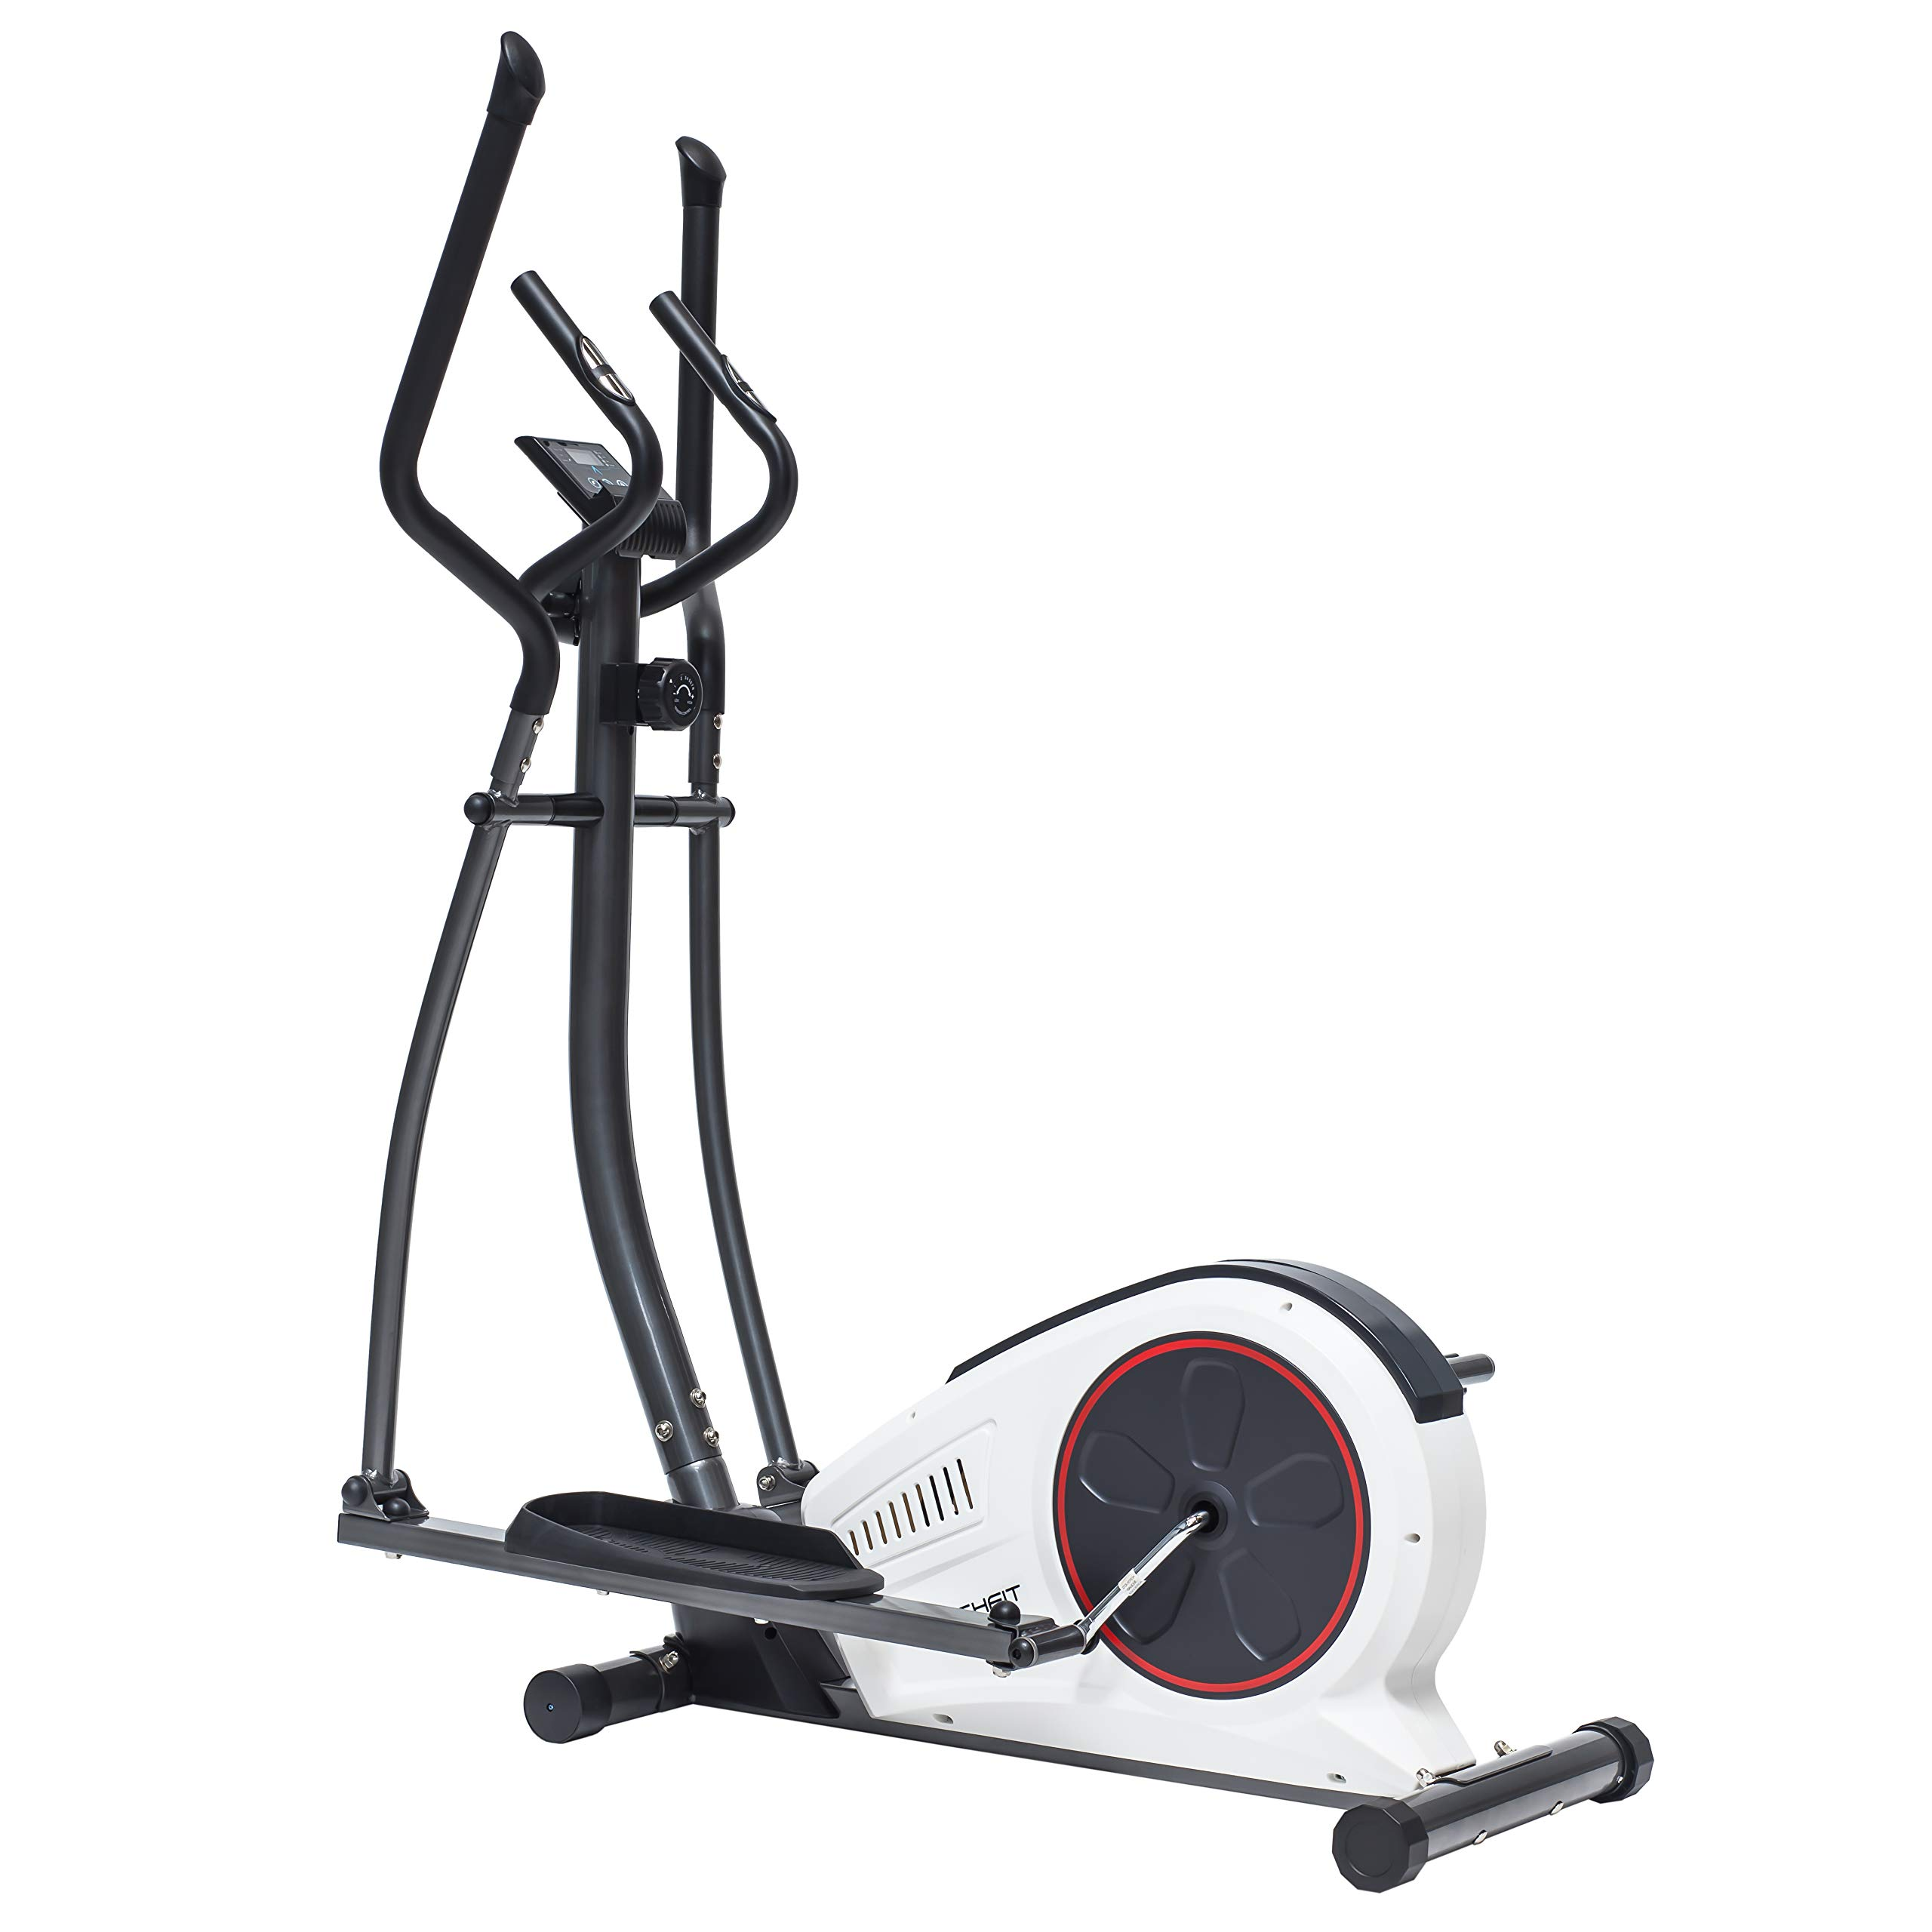 TechFit E450 Cross Trainer, Bicicleta Elíptica para el hogar, Máquina de Cardio para Ejercicios de Fitness, Dispositivo de Resistencia magnética Apta para Espacios Interiores: Amazon.es: Deportes y aire libre